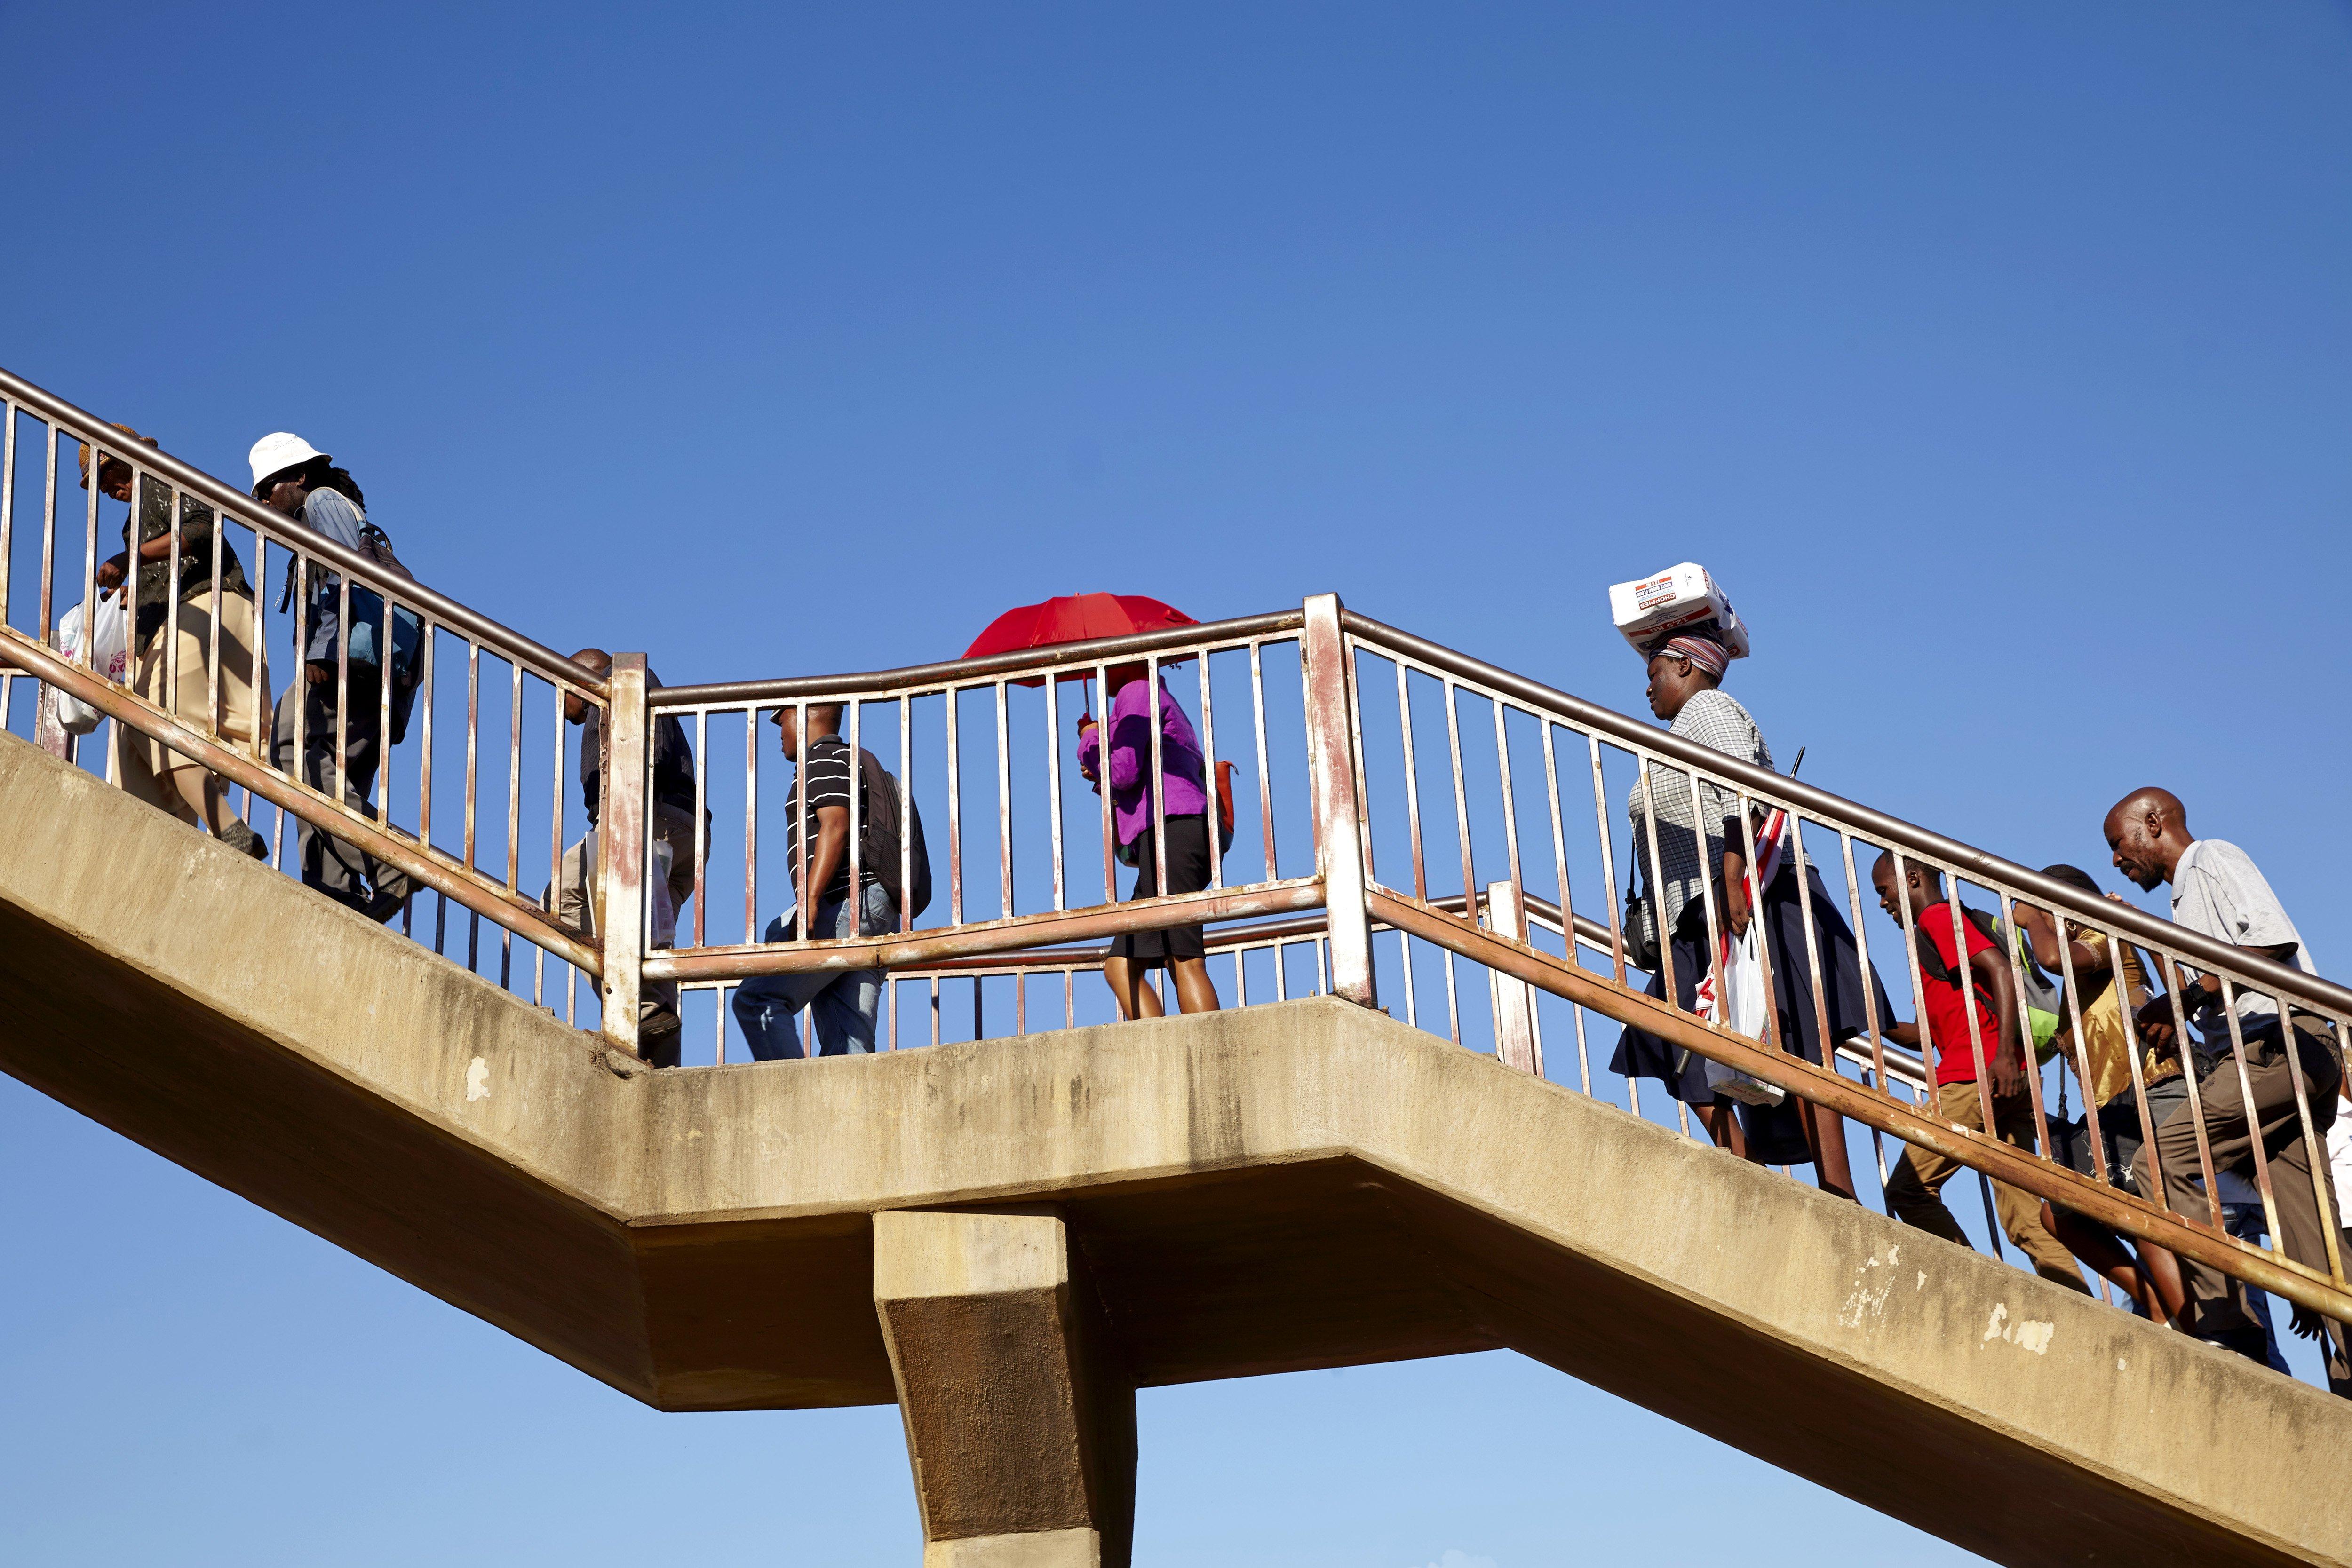 A pedestrian bridge in Gaborone, Botswana